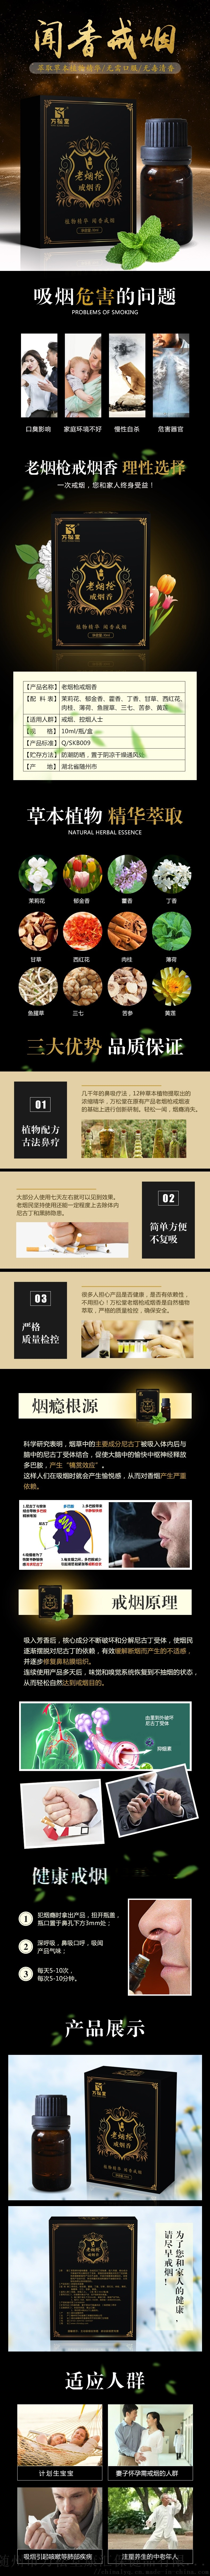 戒烟香详情页.jpg